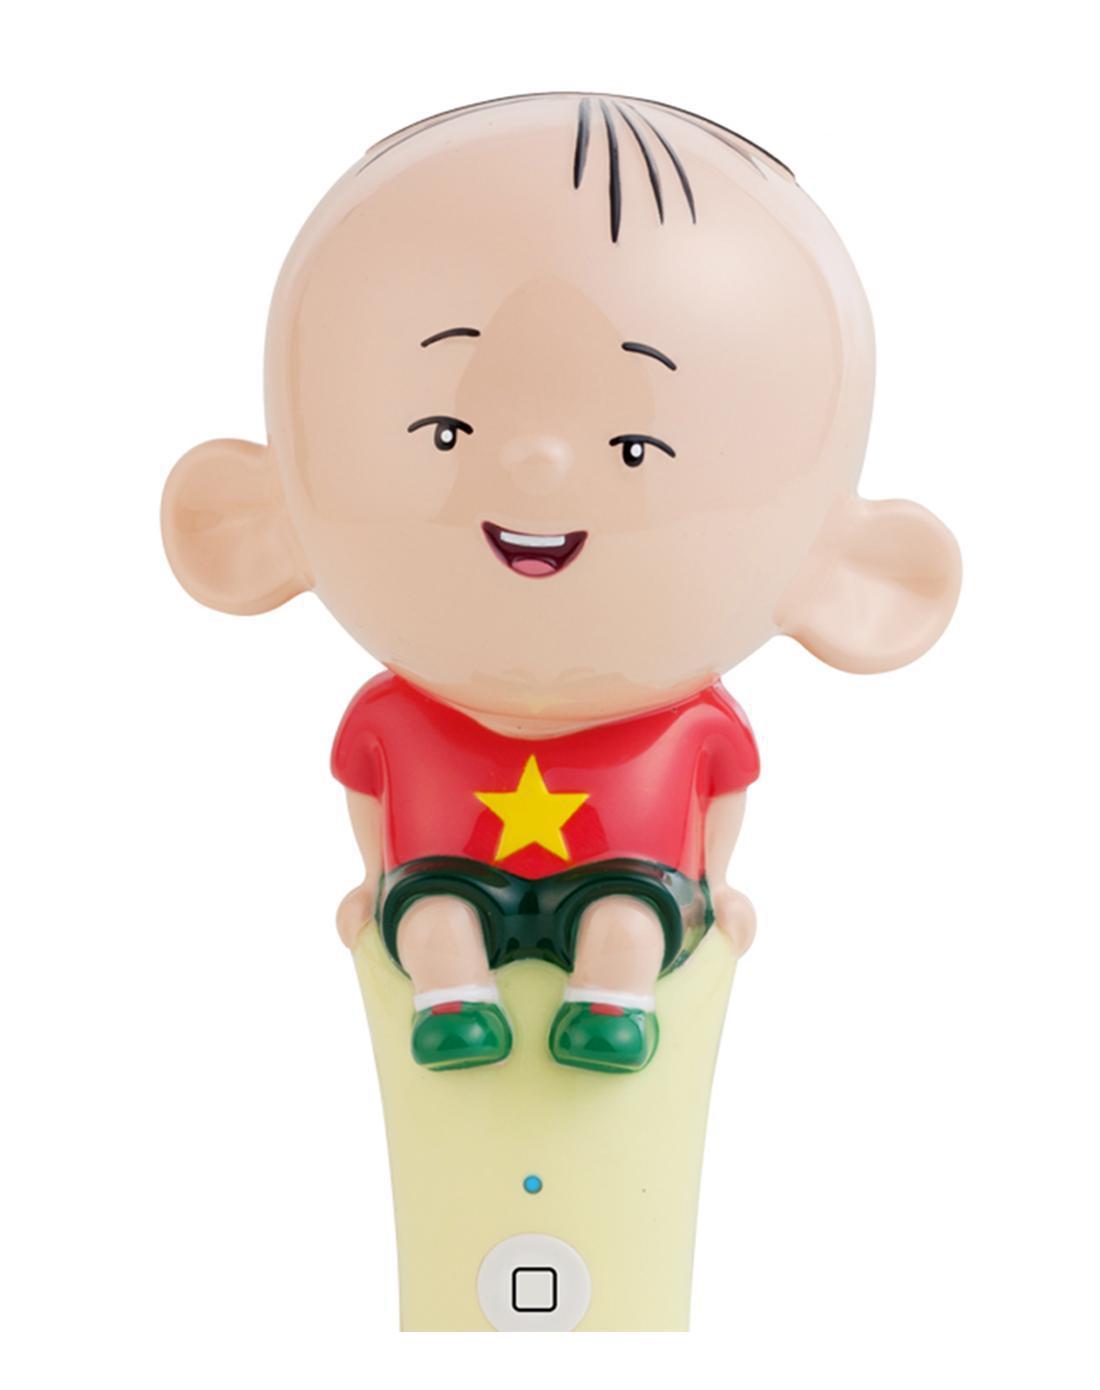 小布叮玩具专场大耳朵图图阅读棒01401010101-c